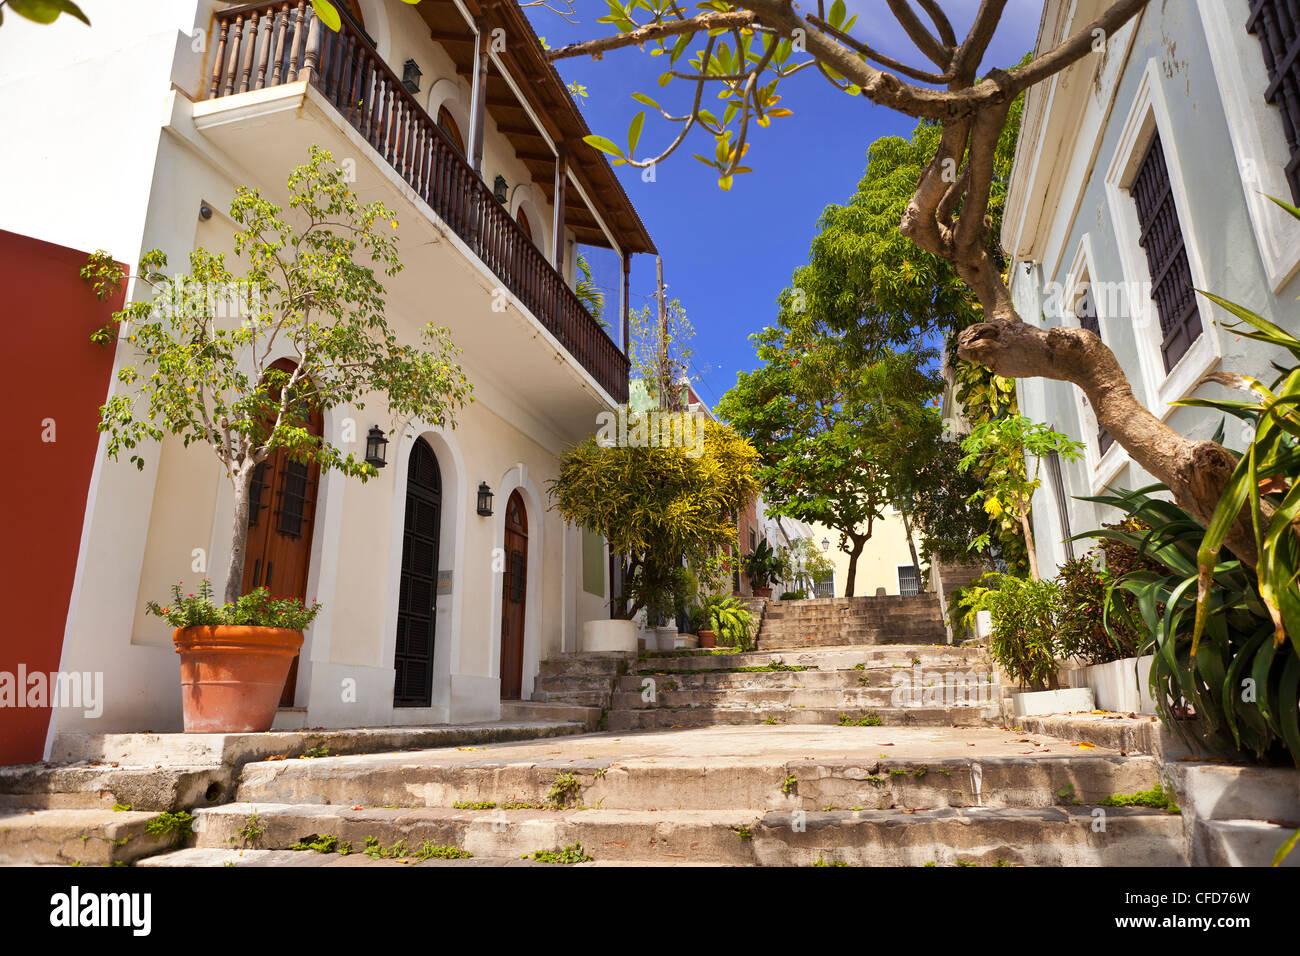 El VIEJO SAN JUAN, PUERTO RICO - encantadora plaza entre edificios con escaleras. Imagen De Stock